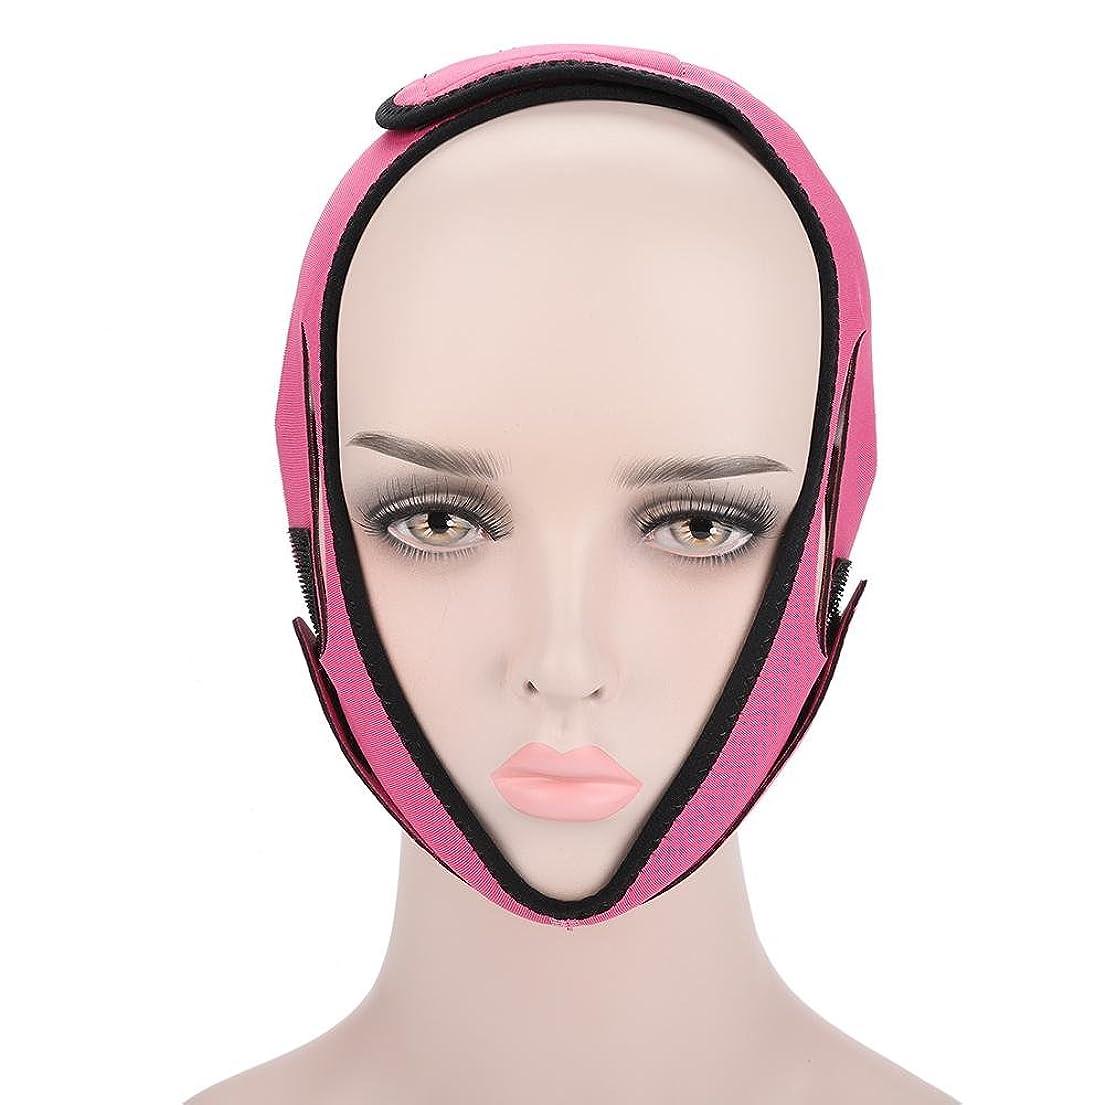 手がかり電信湿地フェイススリミング包帯 顔の包帯フェイシャルスリミングマスクフェイシャルケアのためのフェイシャルベルト薄い首のフェイスリフトダブルチン女性のための(3#)